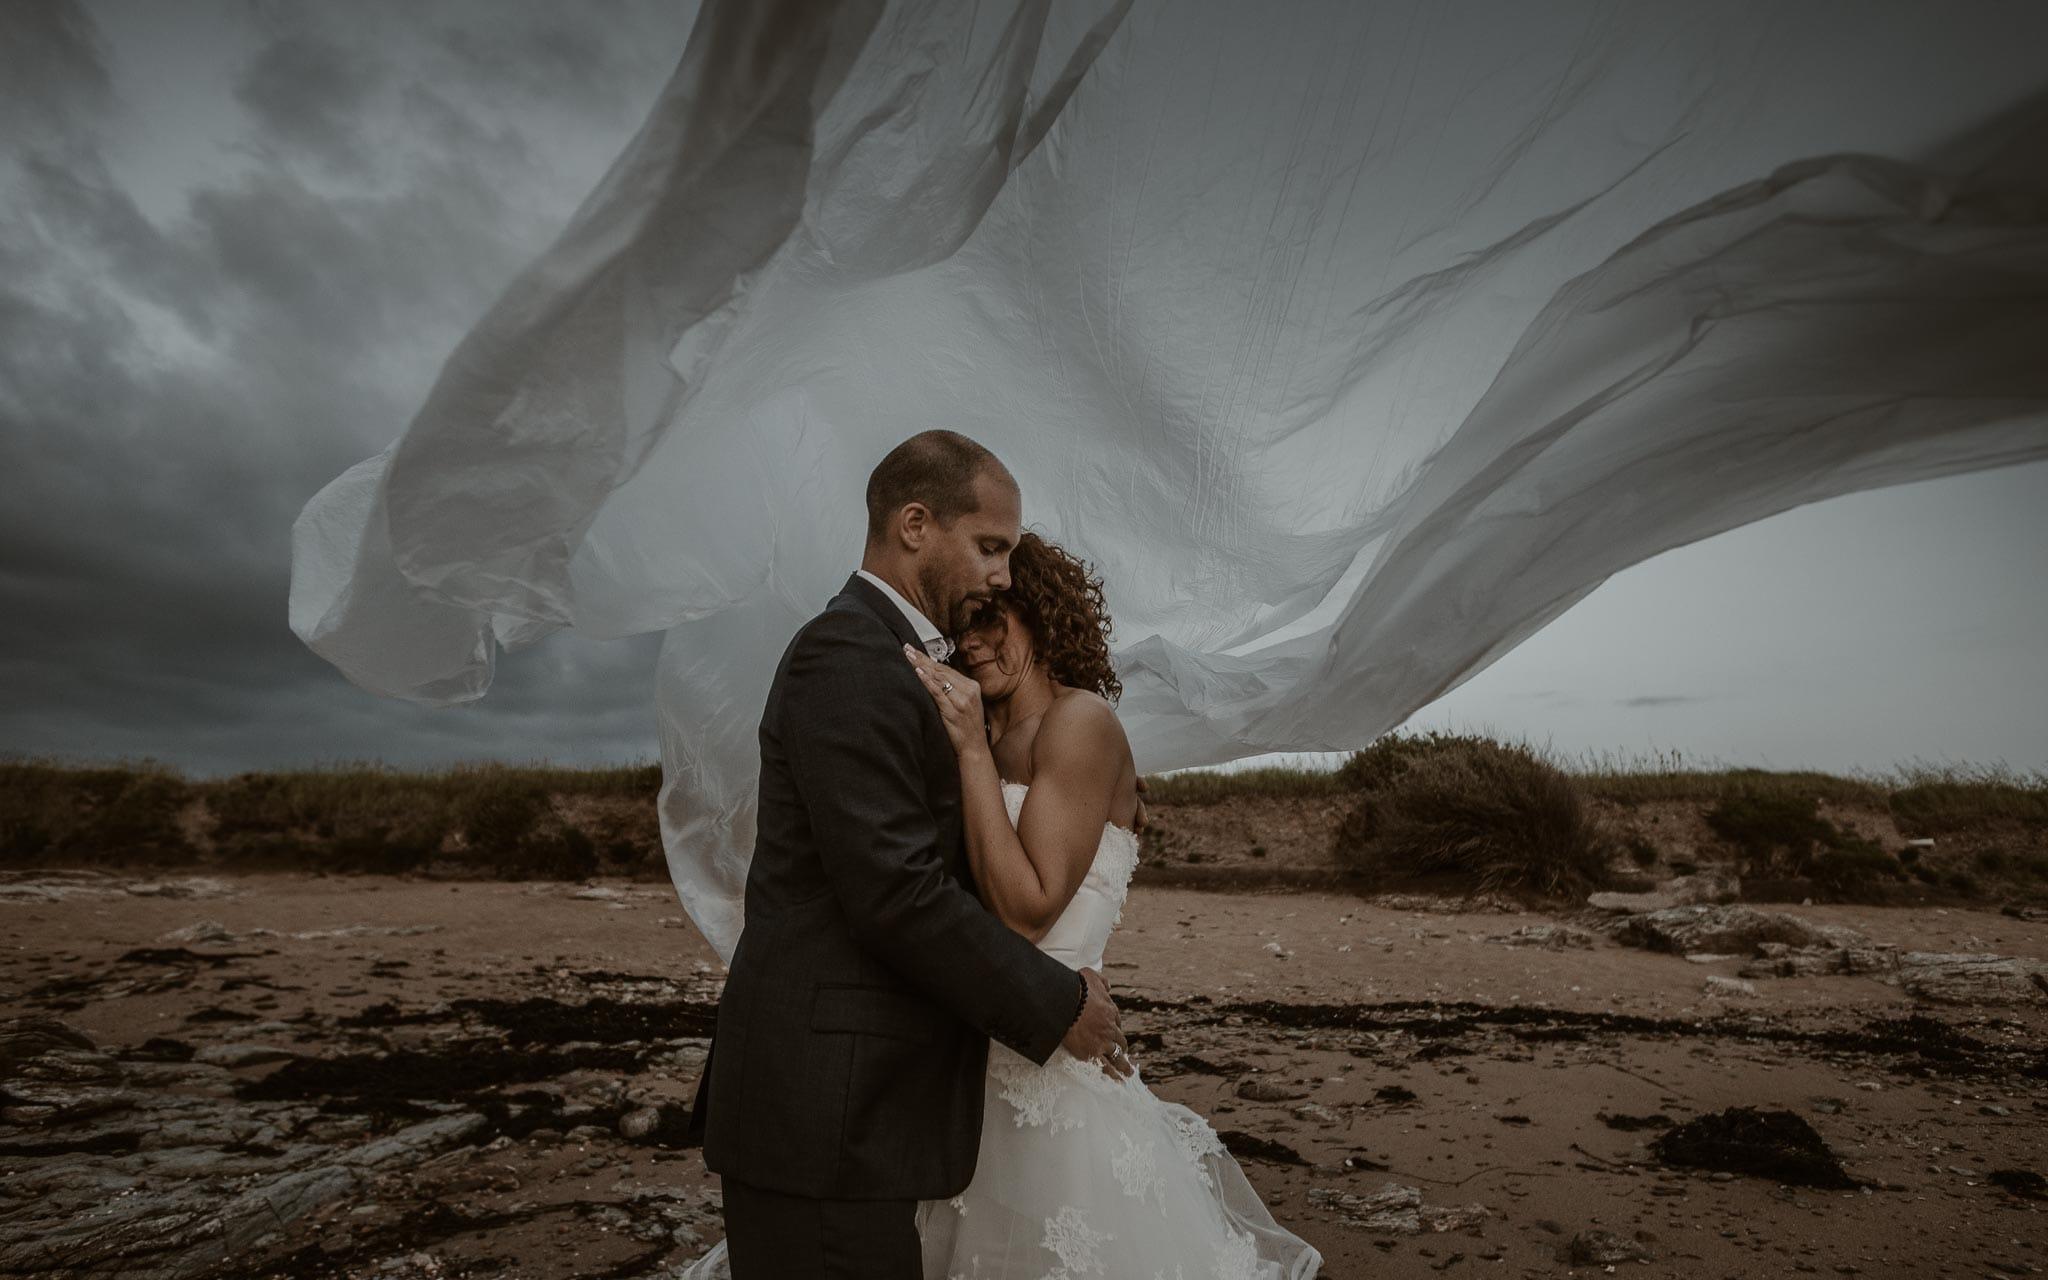 Séance couple artistique après mariage onirique & poétique sur la plage au bord de l'Océan près de la Baule par Geoffrey Arnoldy photographe